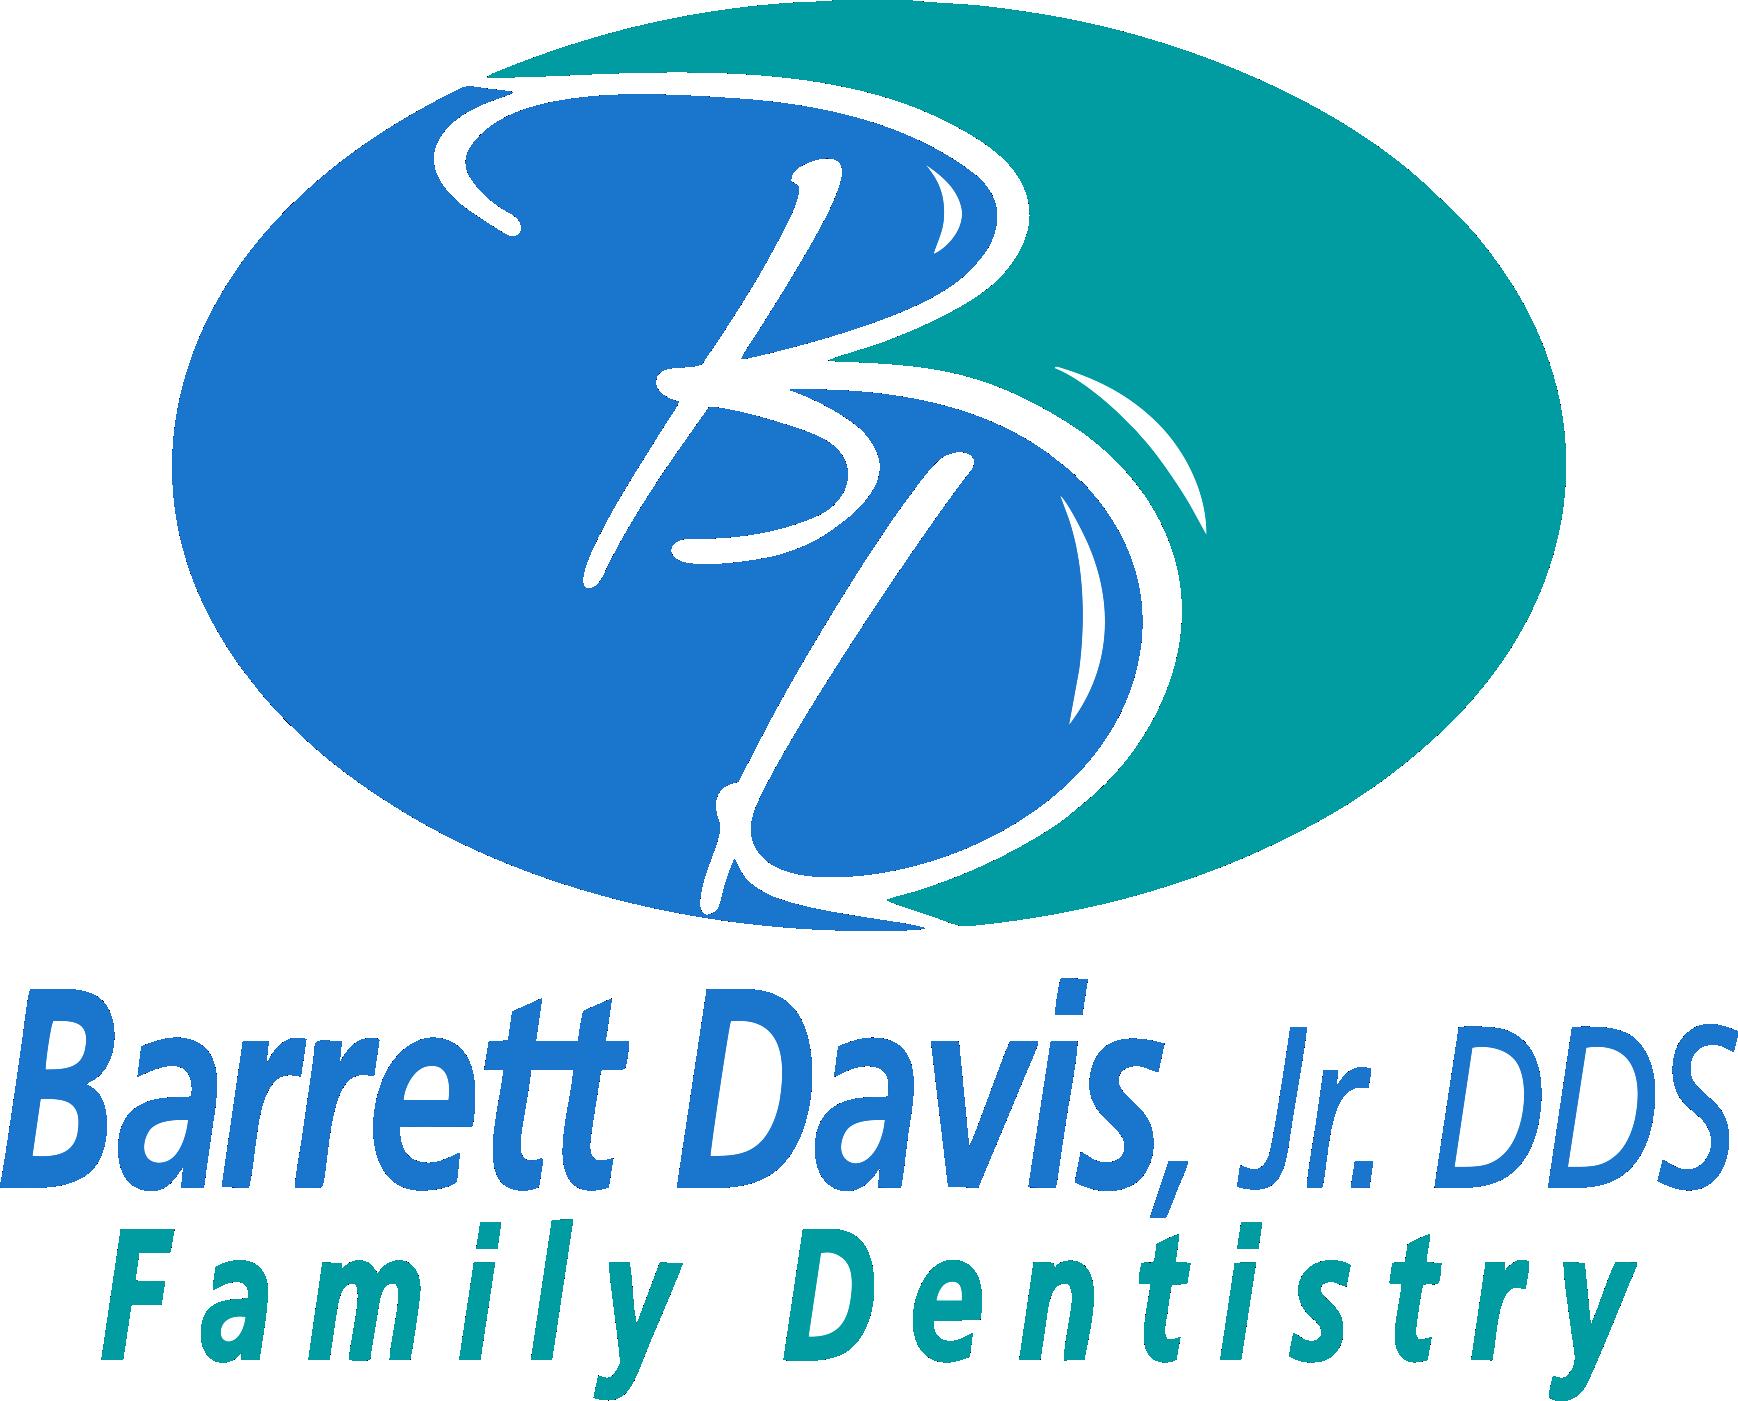 Barrett Davis